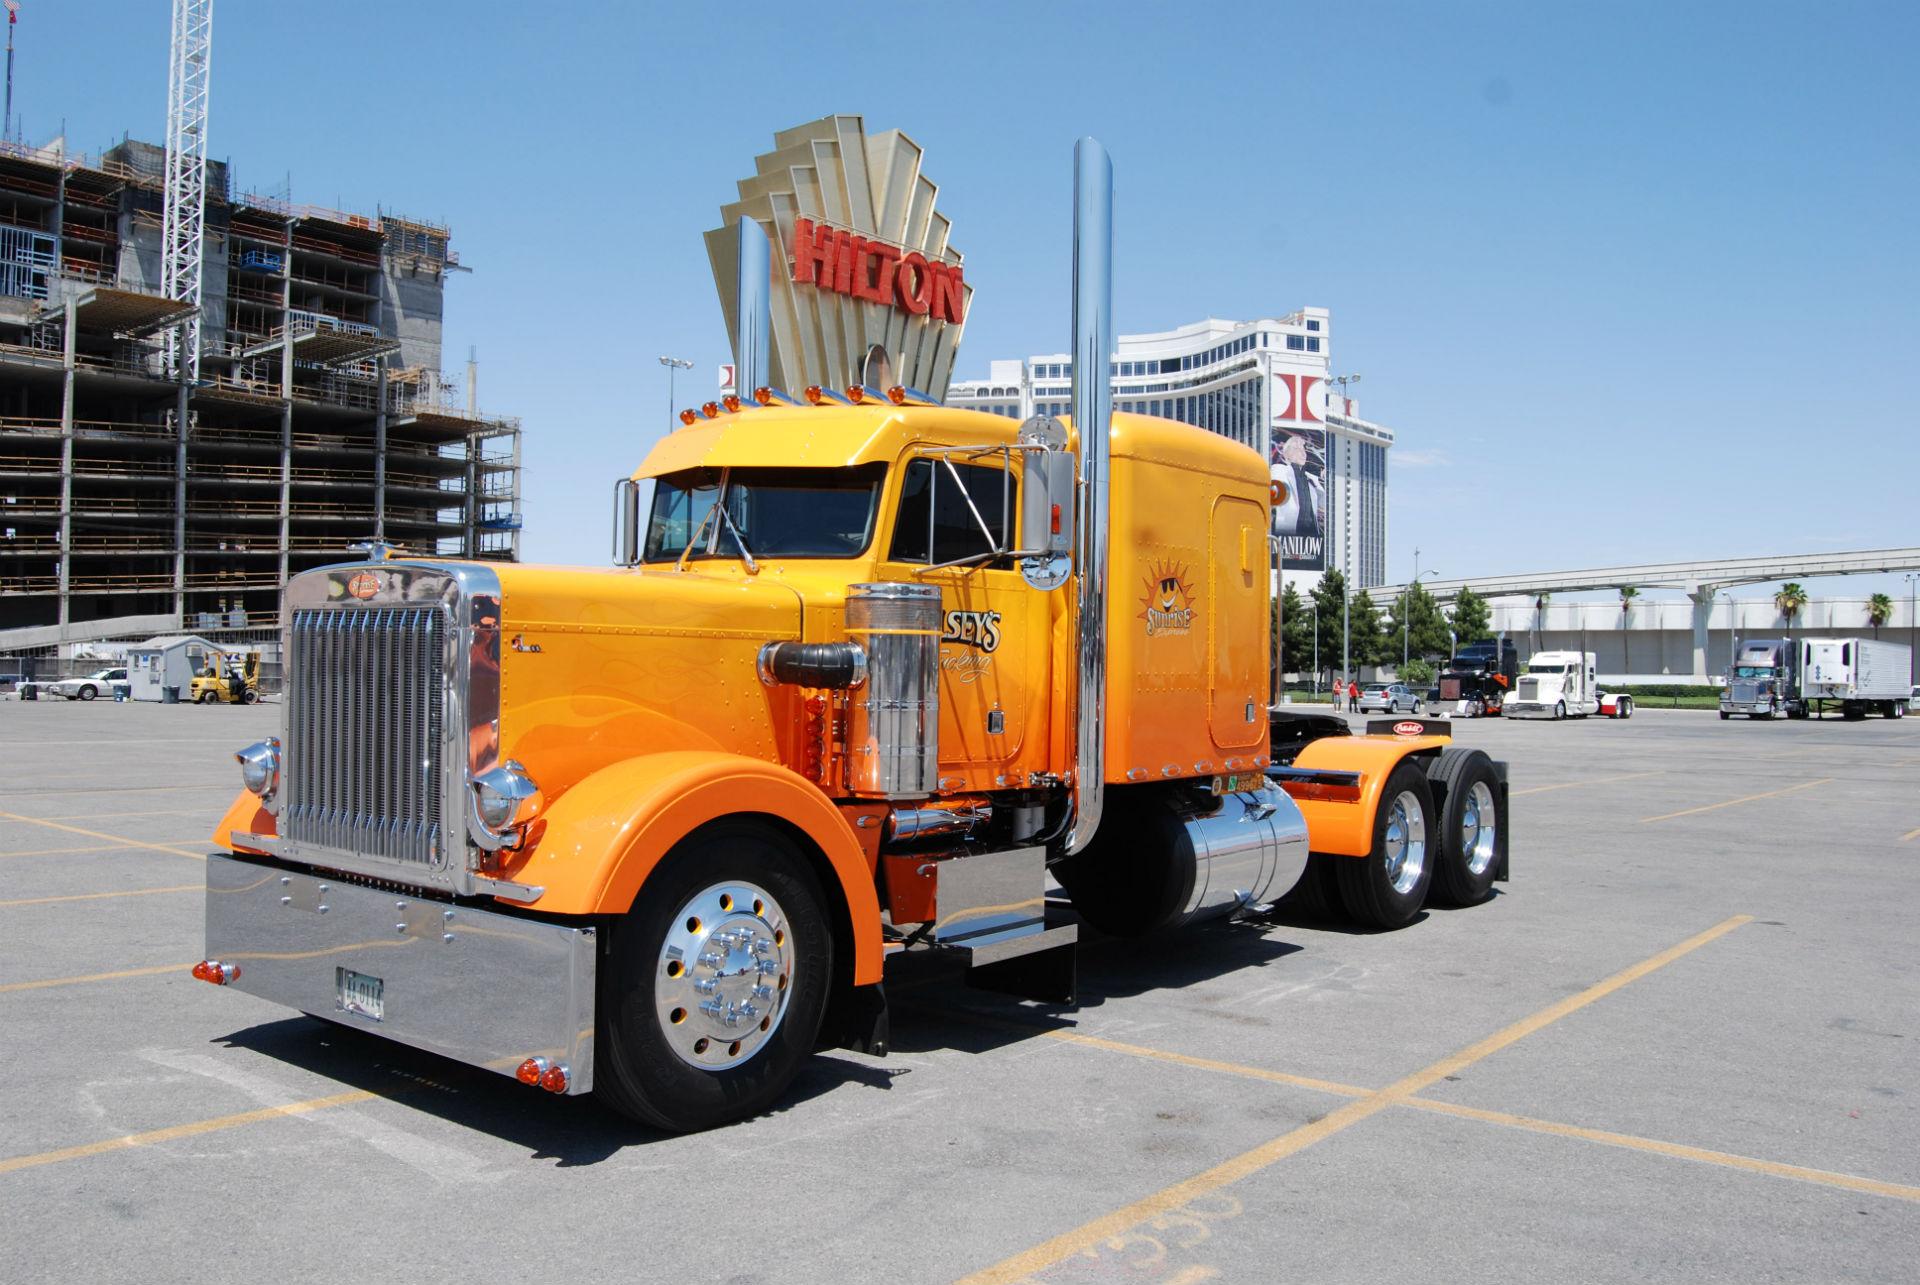 Peterbilt Semi Trucks 1920x1285